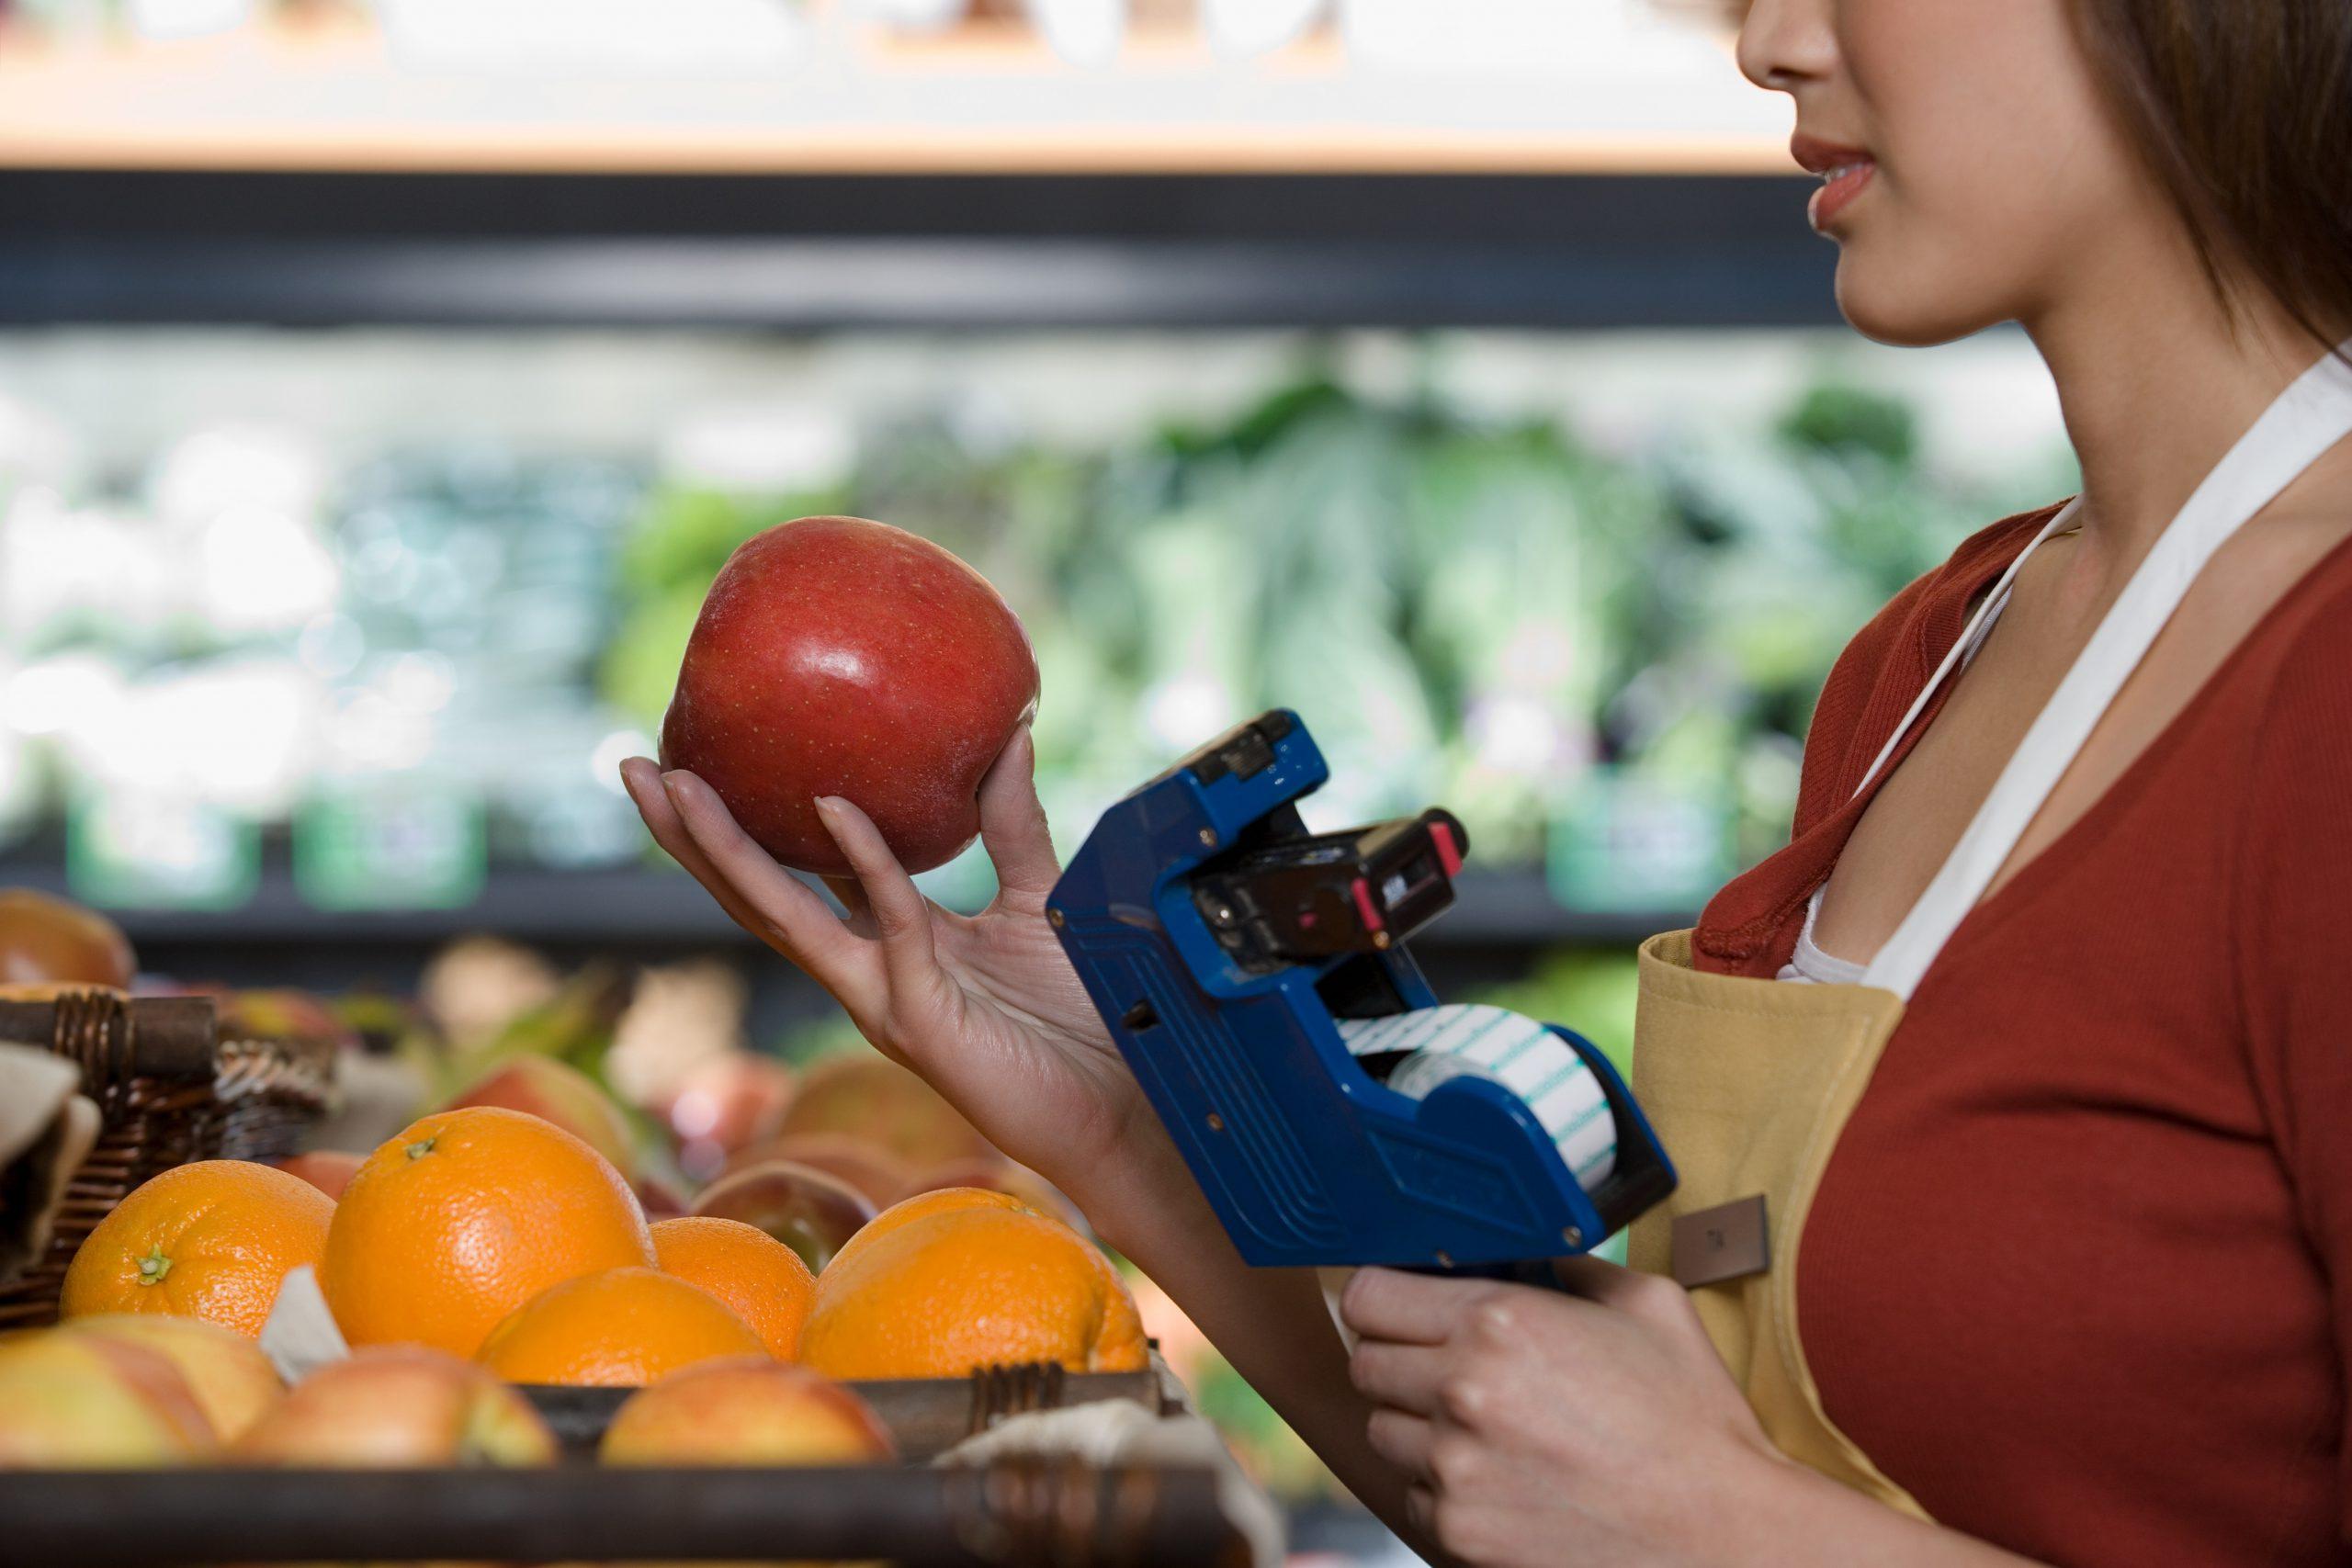 W I półroczu inflacja może sięgnąć 4%, głównie przez drożejącą żywność